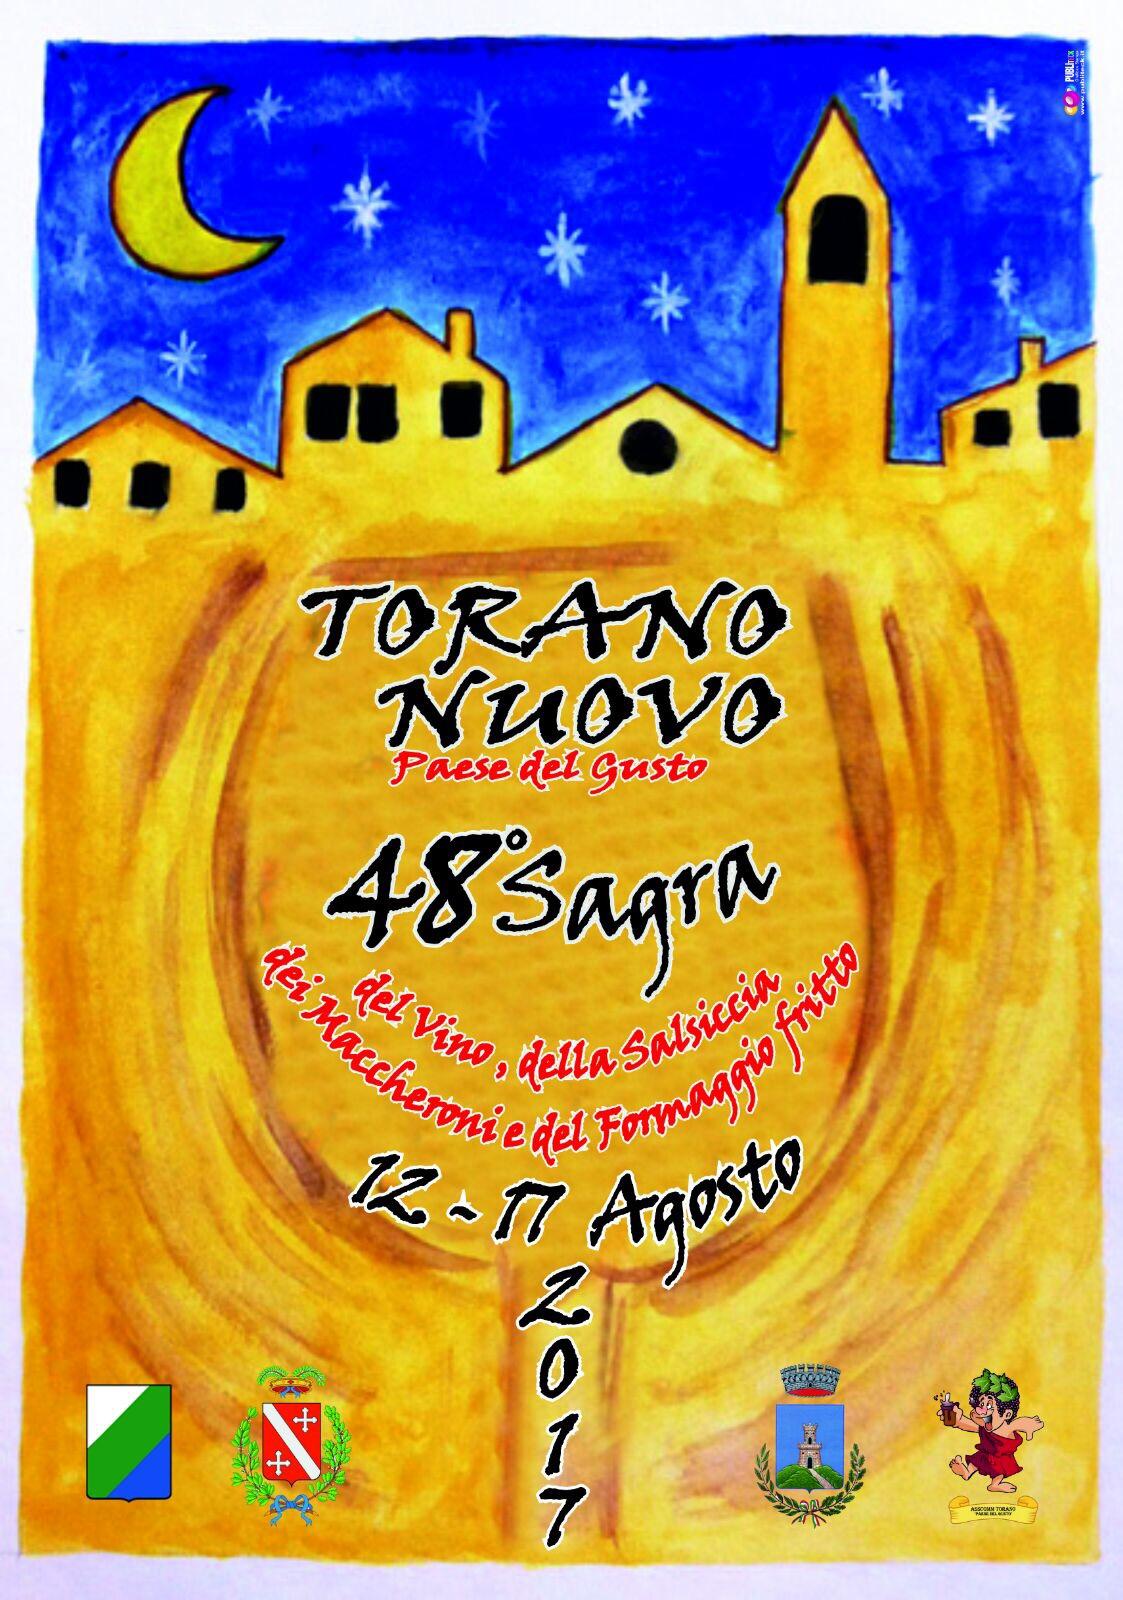 48° EDIZIONE SAGRA DI TORANO NUOVO 2017